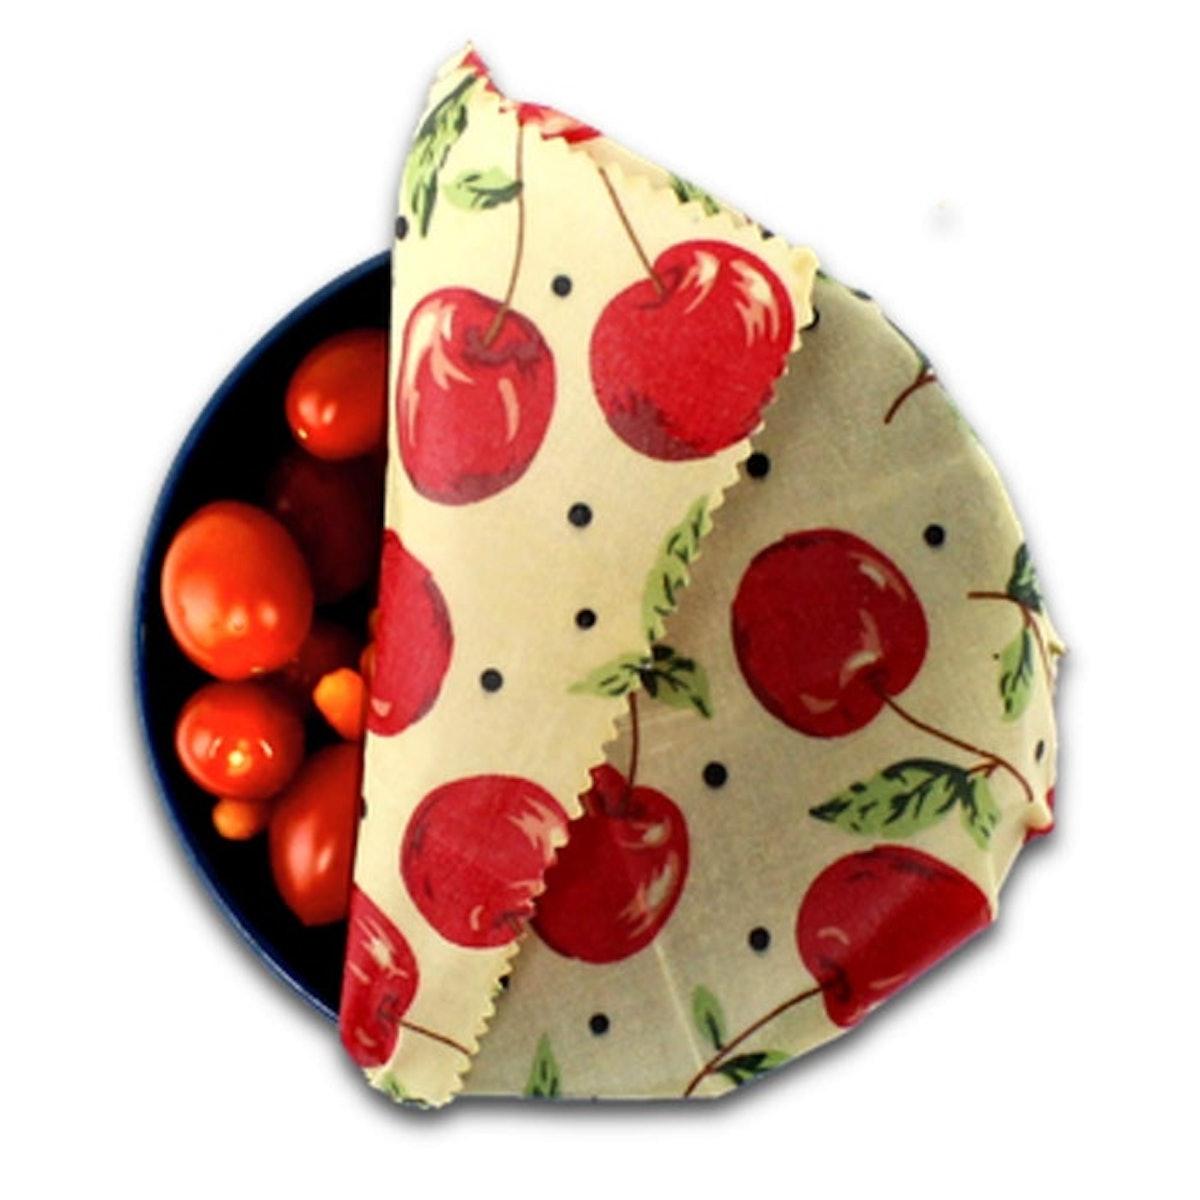 Savvy Planet Reusable Beeswax Food Wraps (Set Of 3)